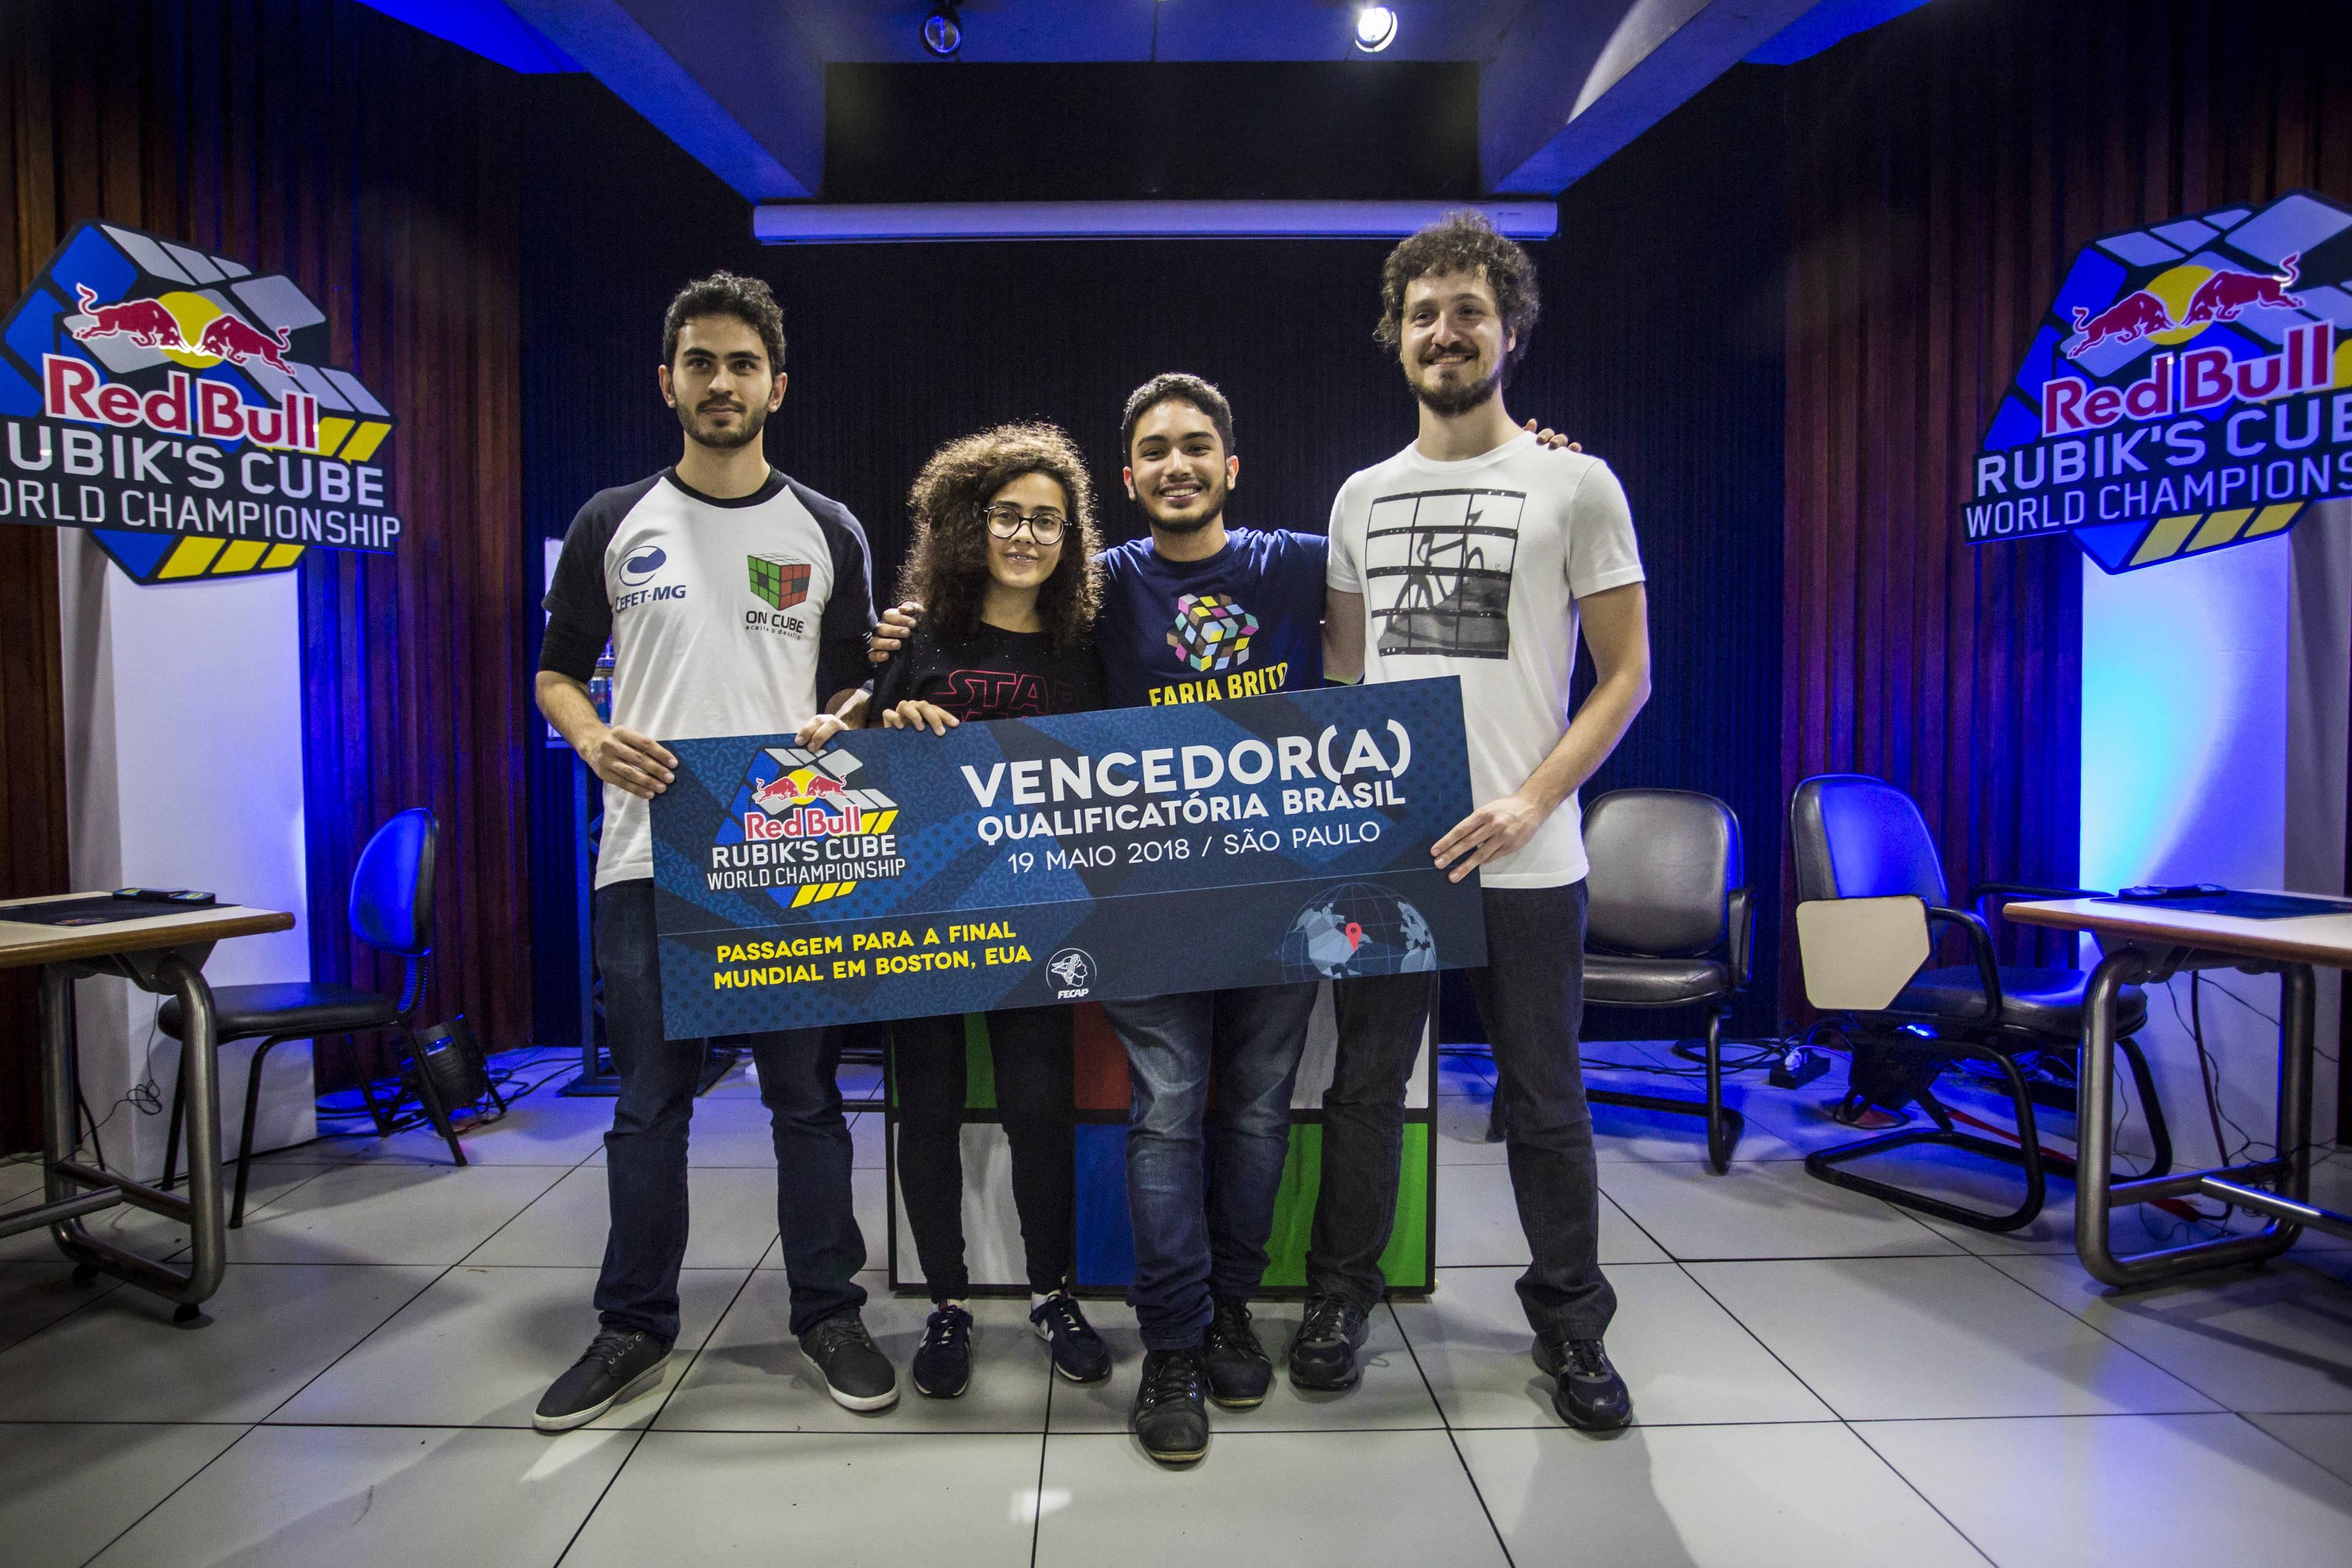 Vencedores da qualificatória nacional do Red Bull Rubik's Cube World Championship  (Foto: Divulgação)